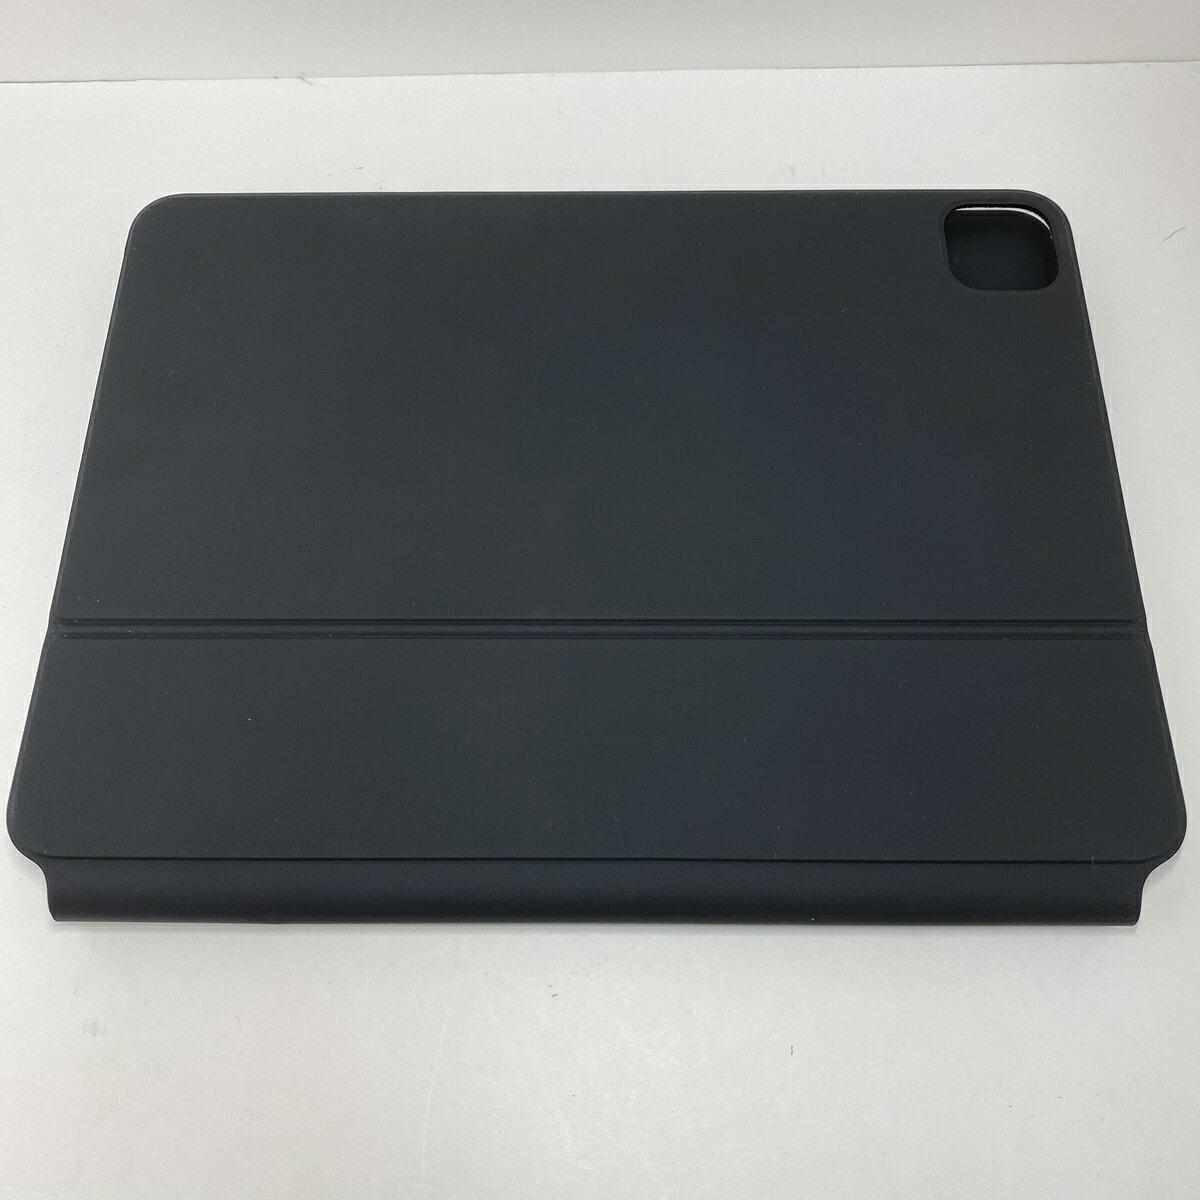 タブレットPCアクセサリー, タブレット用キーボード apple iPad Magic keyboardMXQT2JA